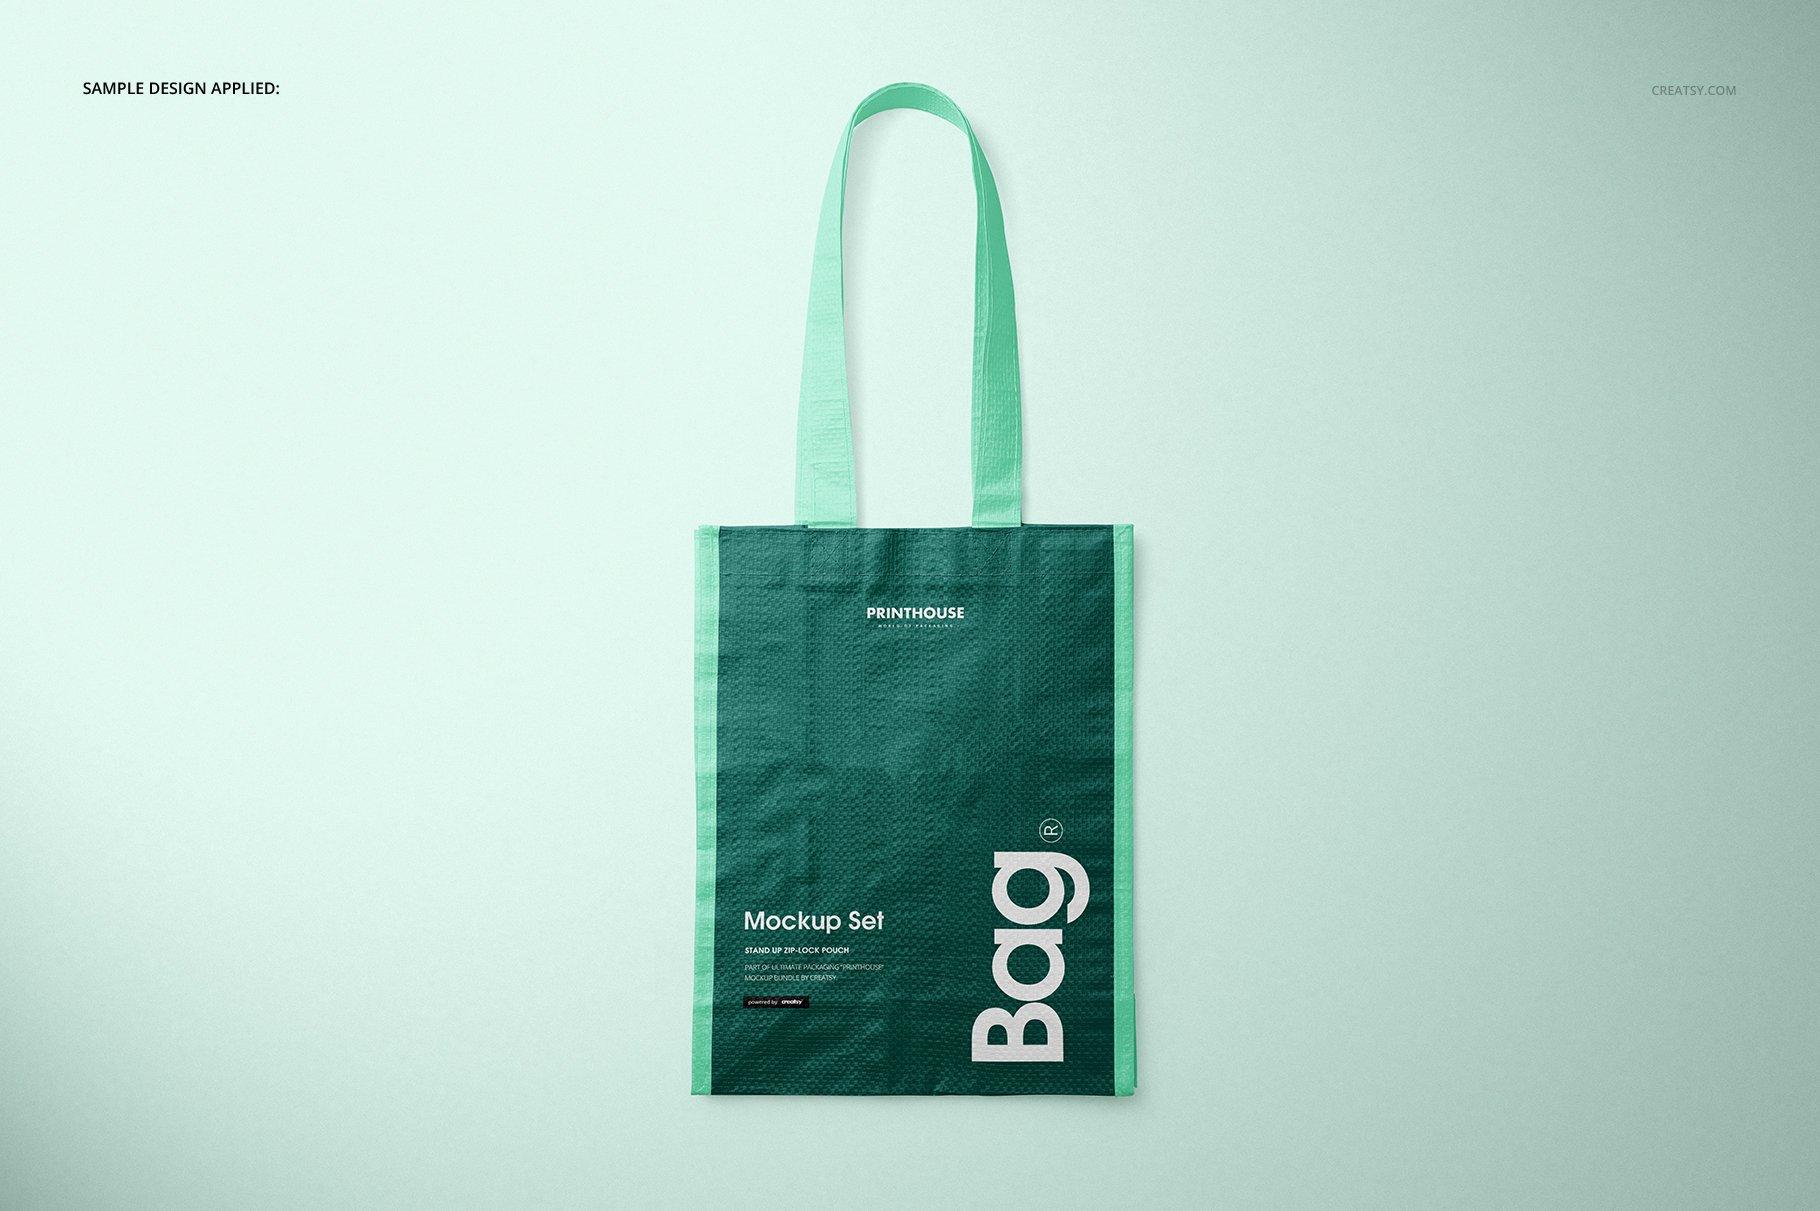 时尚编织手提购物袋设计展示贴图样机模板合集 Woven Tote Bag Mockup Set插图(6)